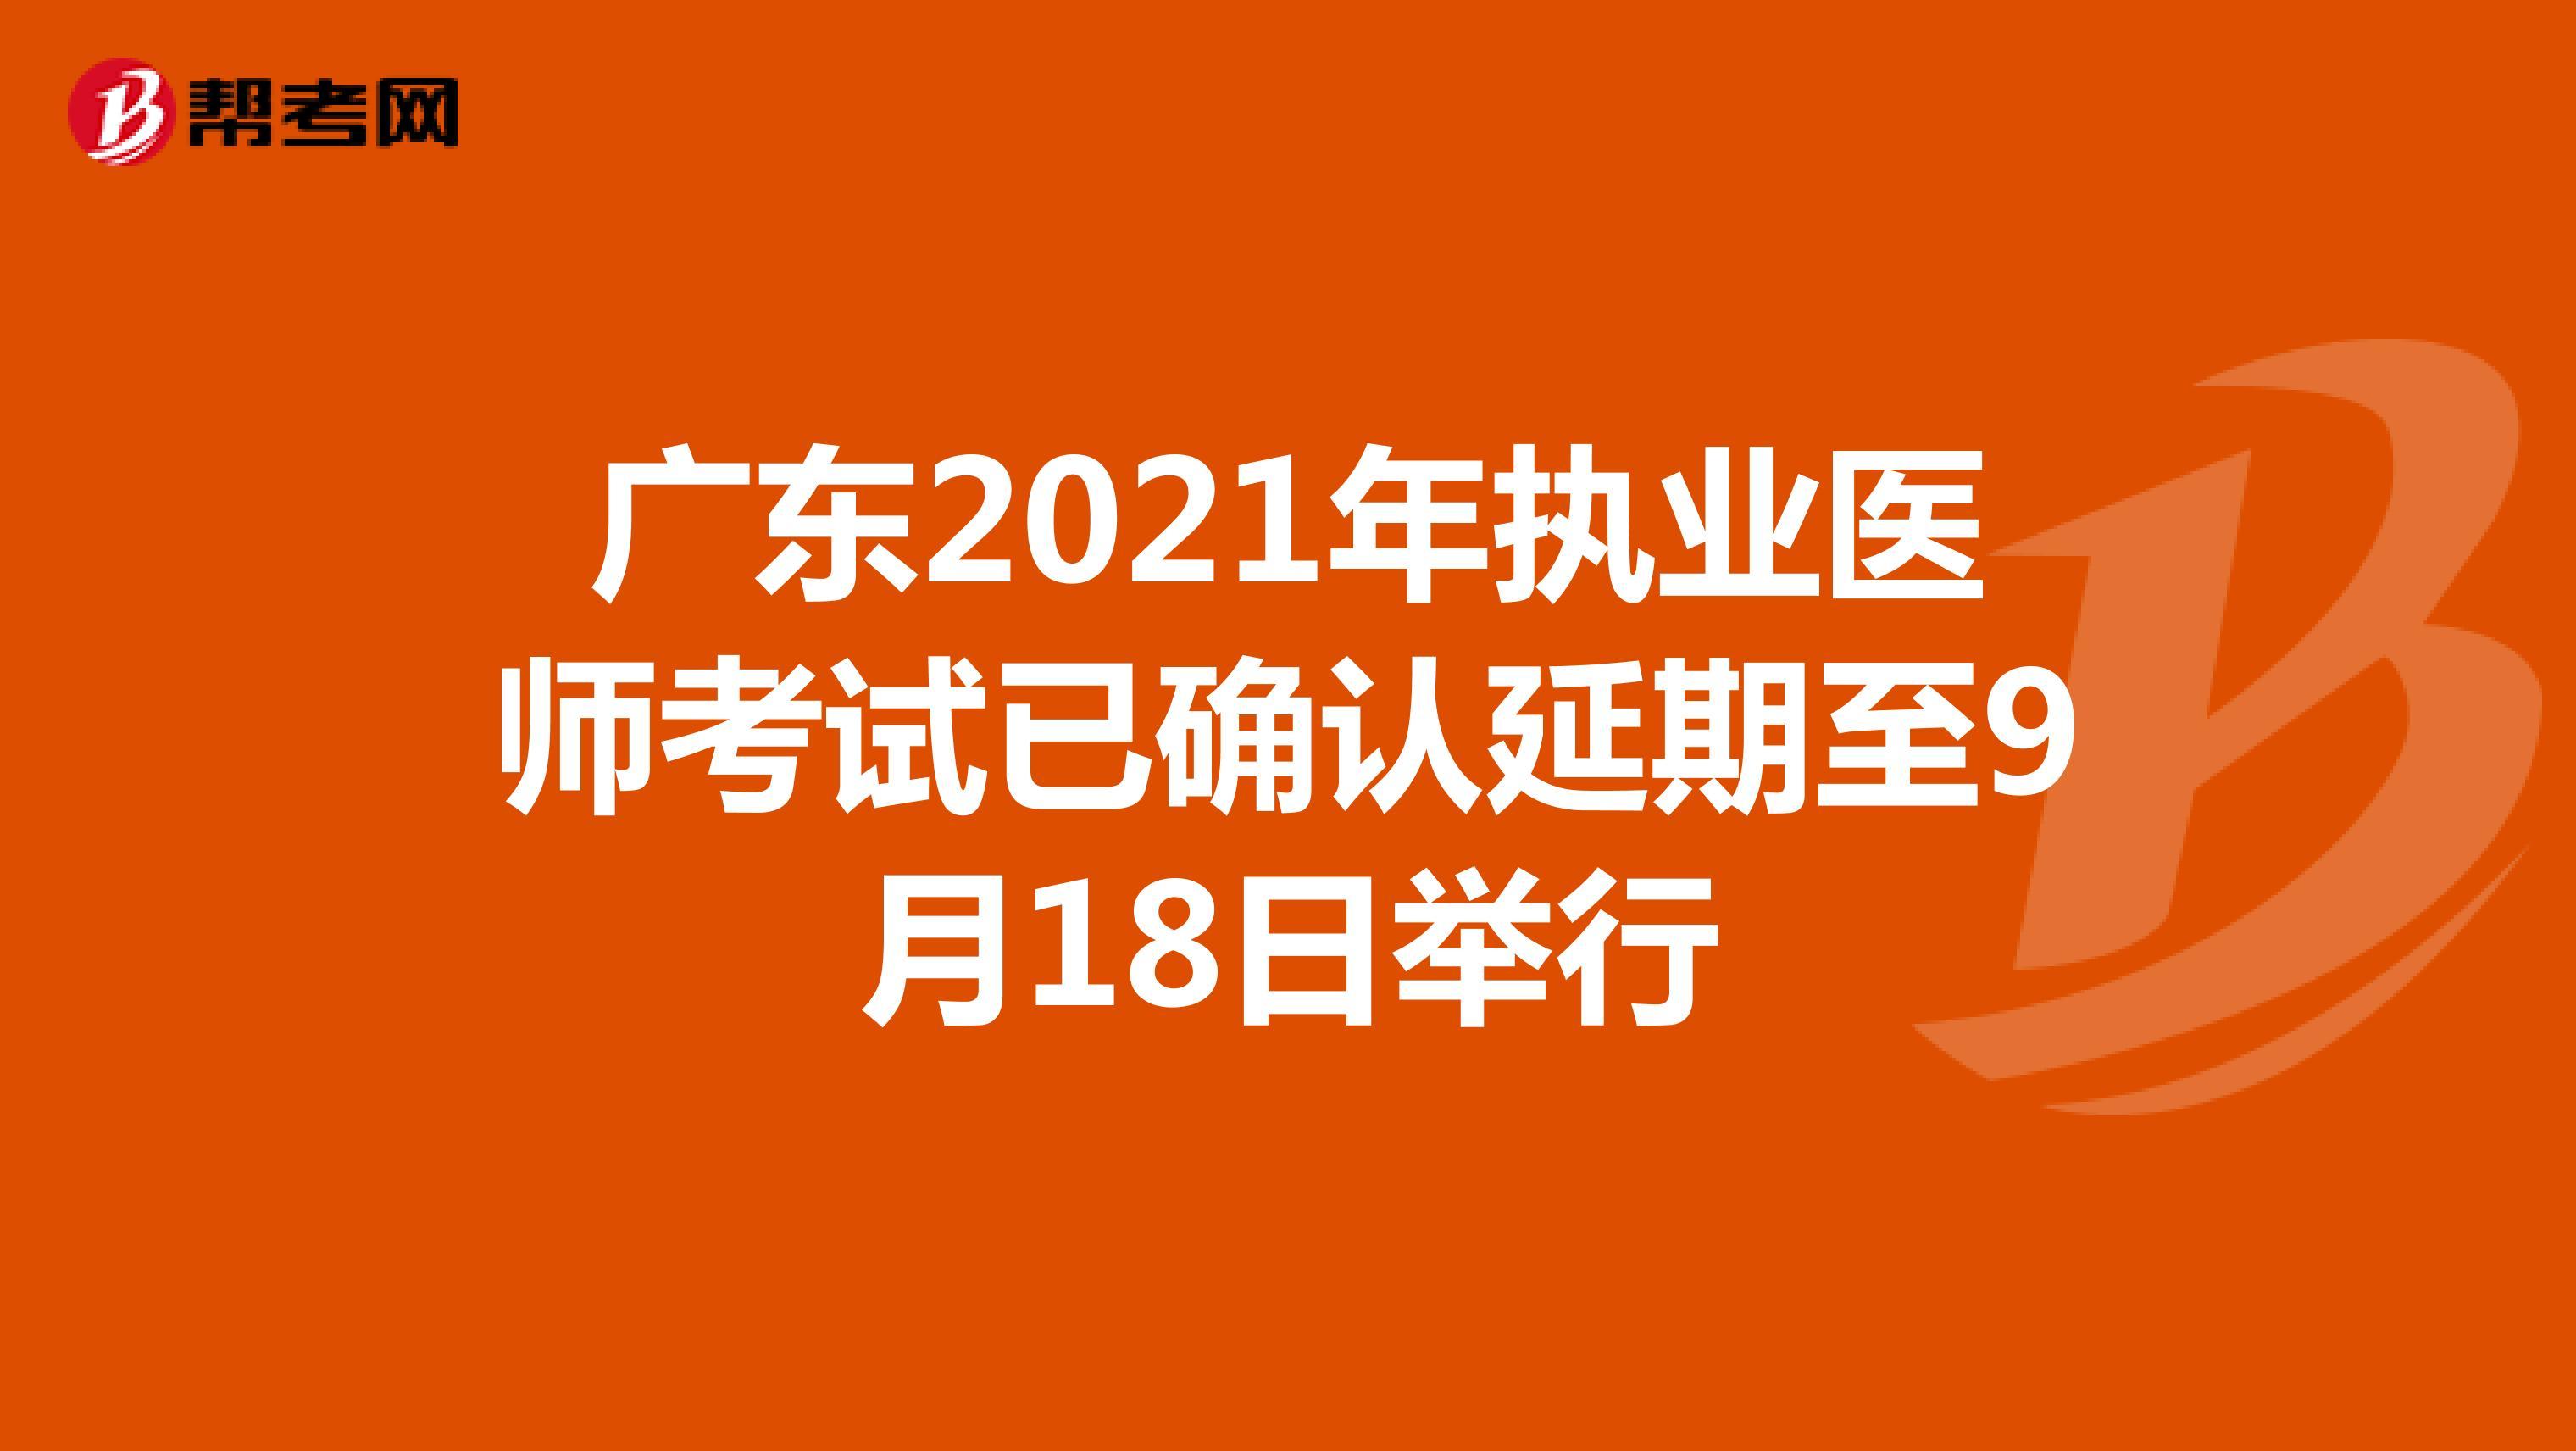 广东2021年执业医师考试已确认延期至9月18日举行